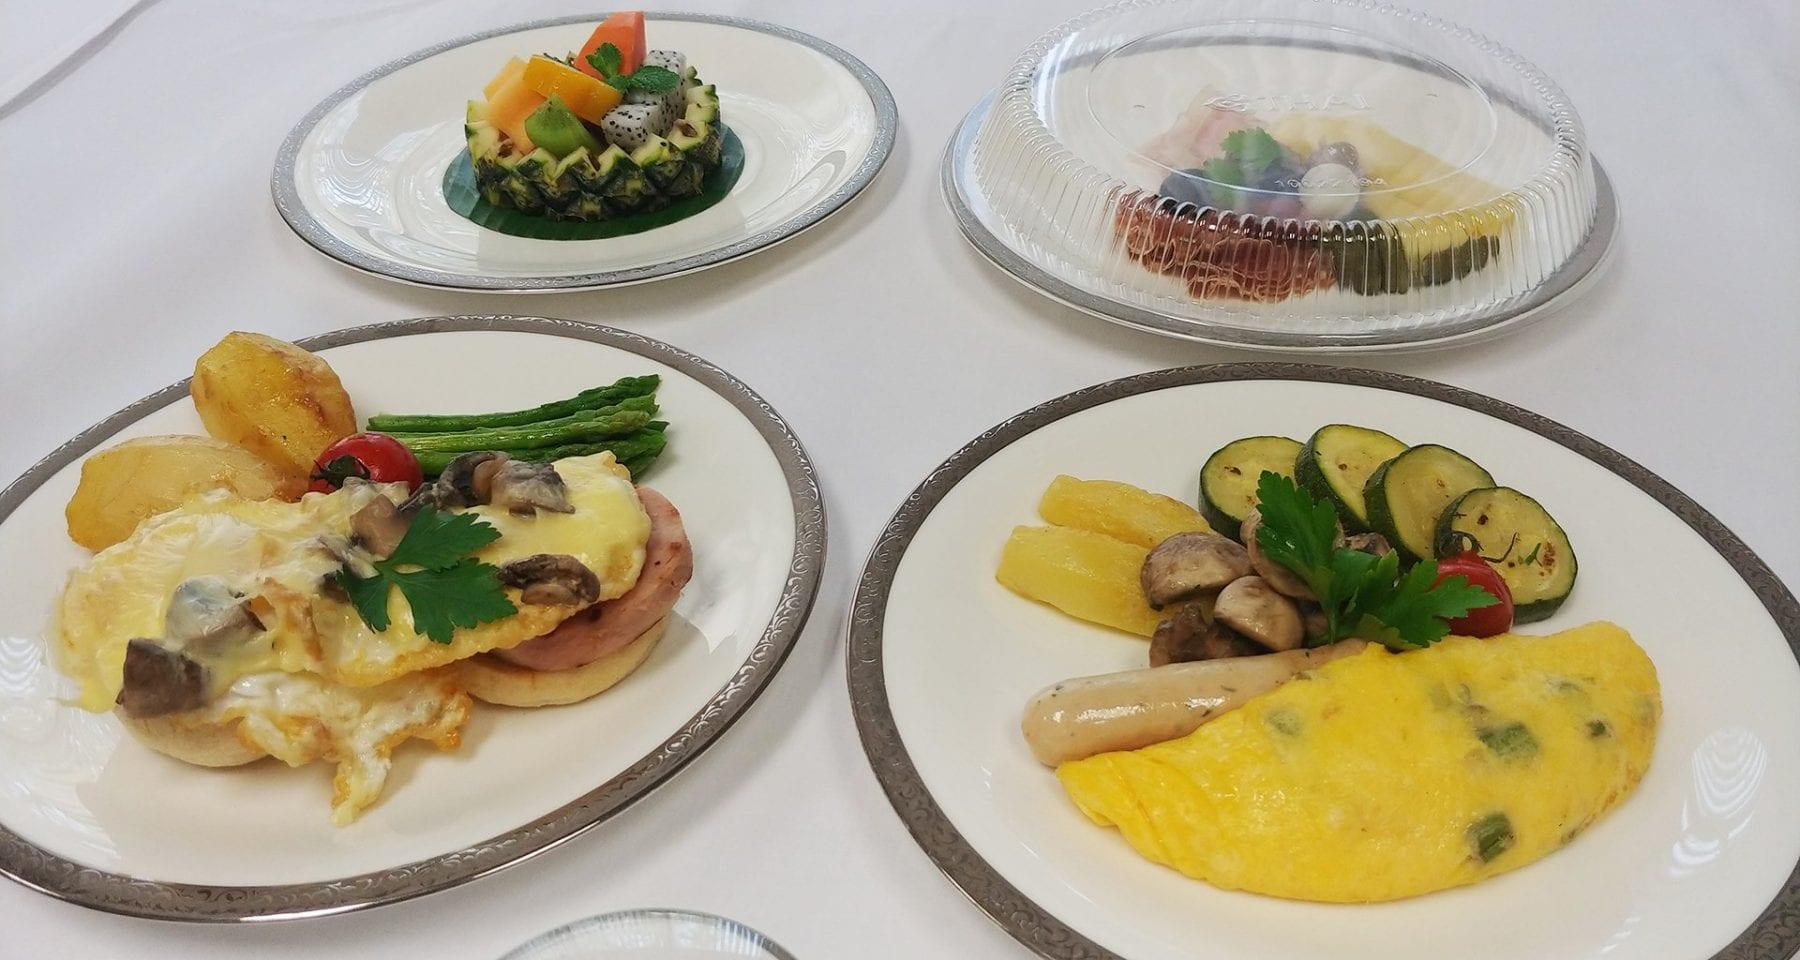 Thai Airways First Class Meals